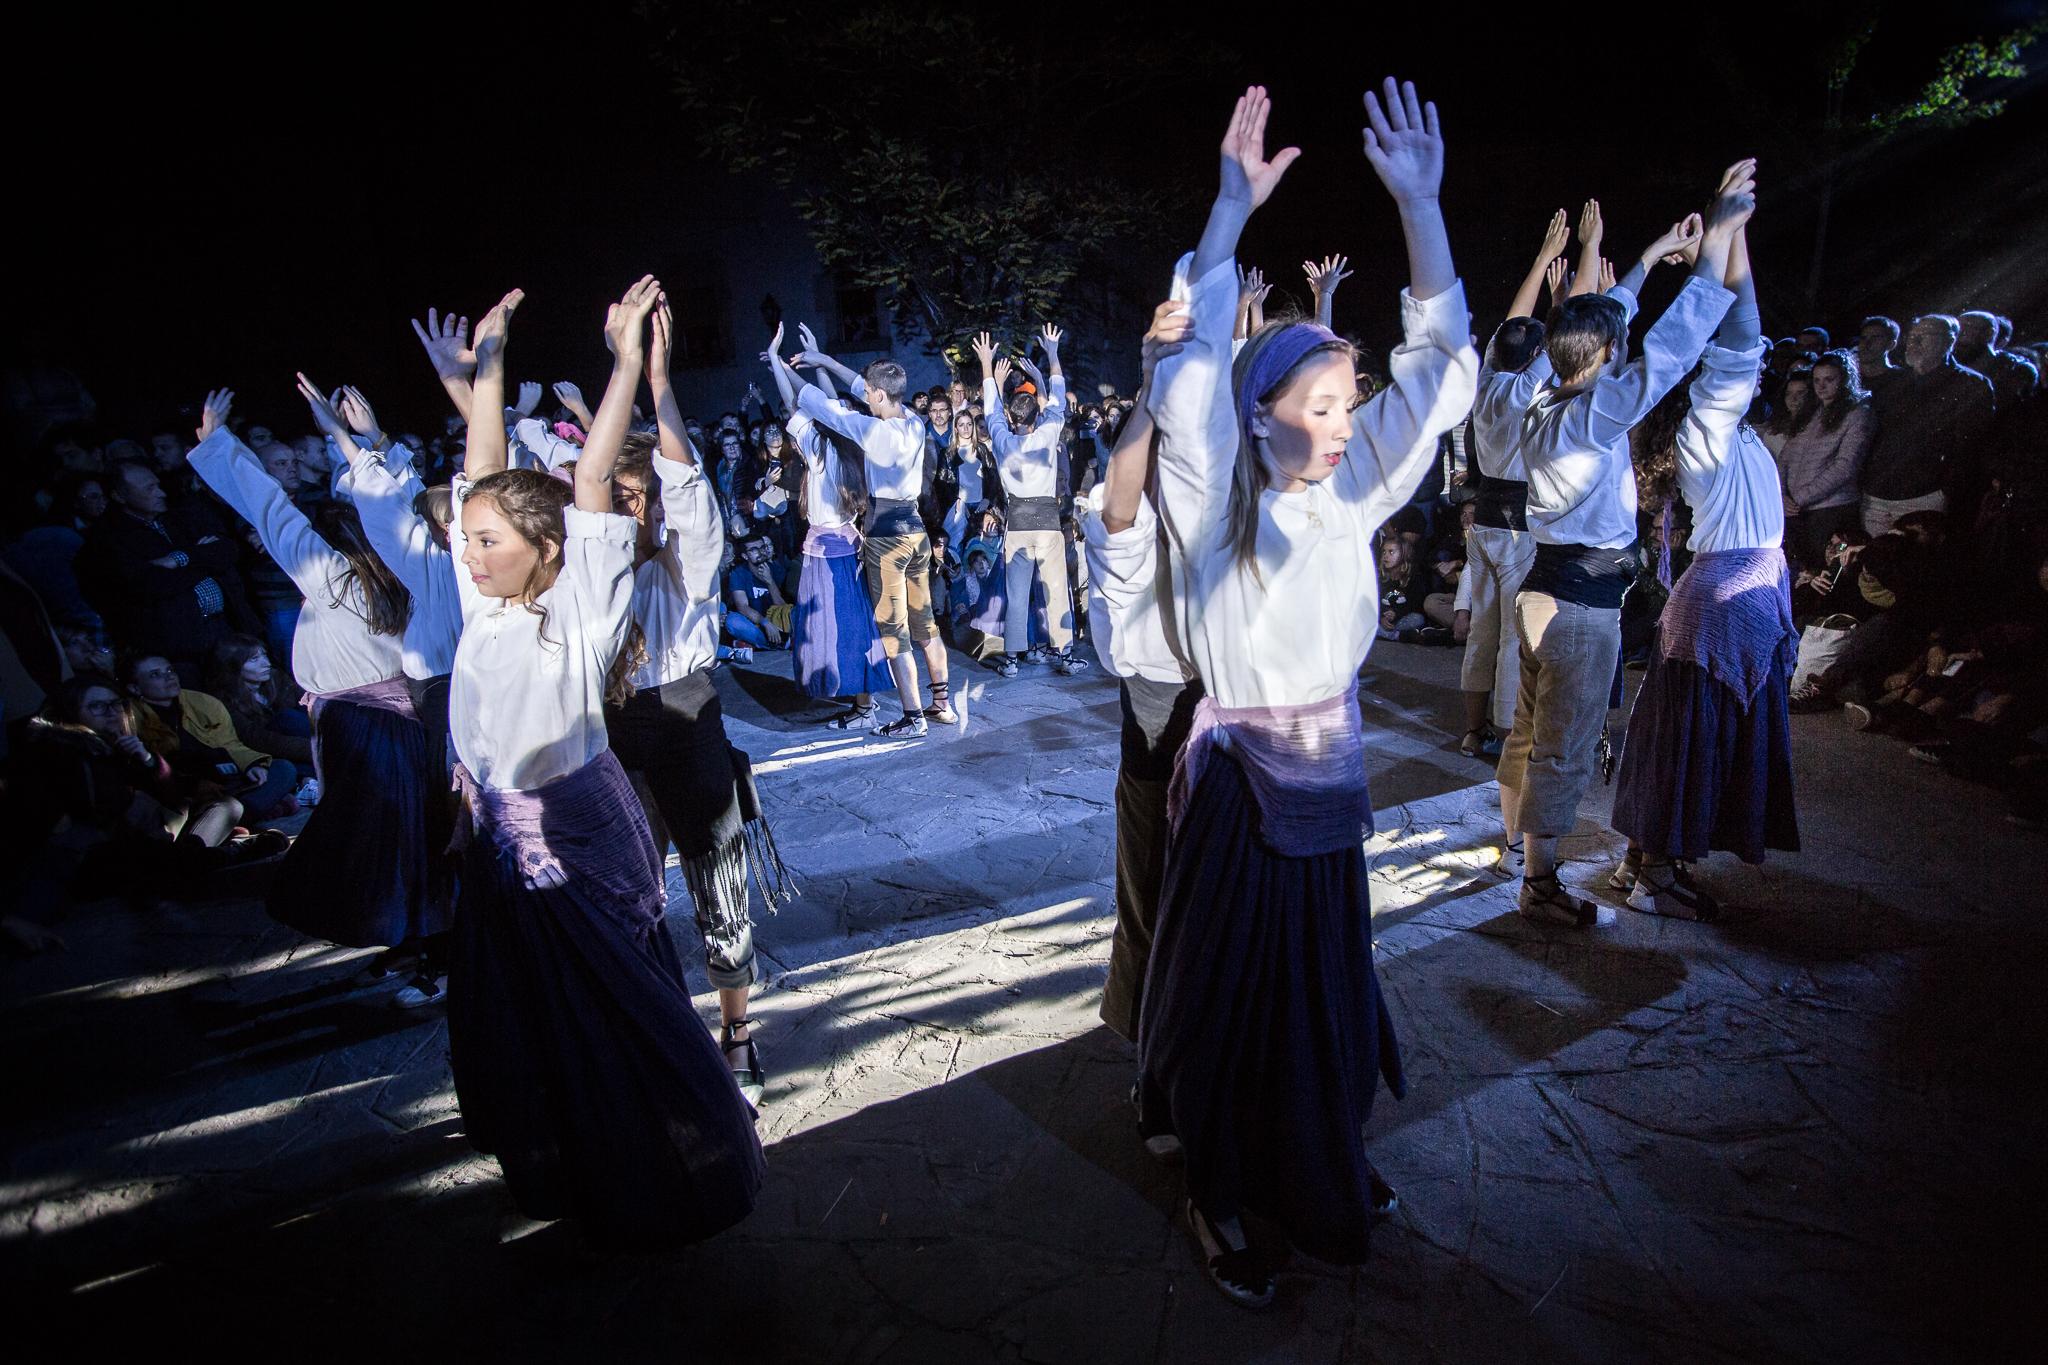 Sardana dels aprenents de bruixot (fotos oficials) - XX Fira de les Bruixes